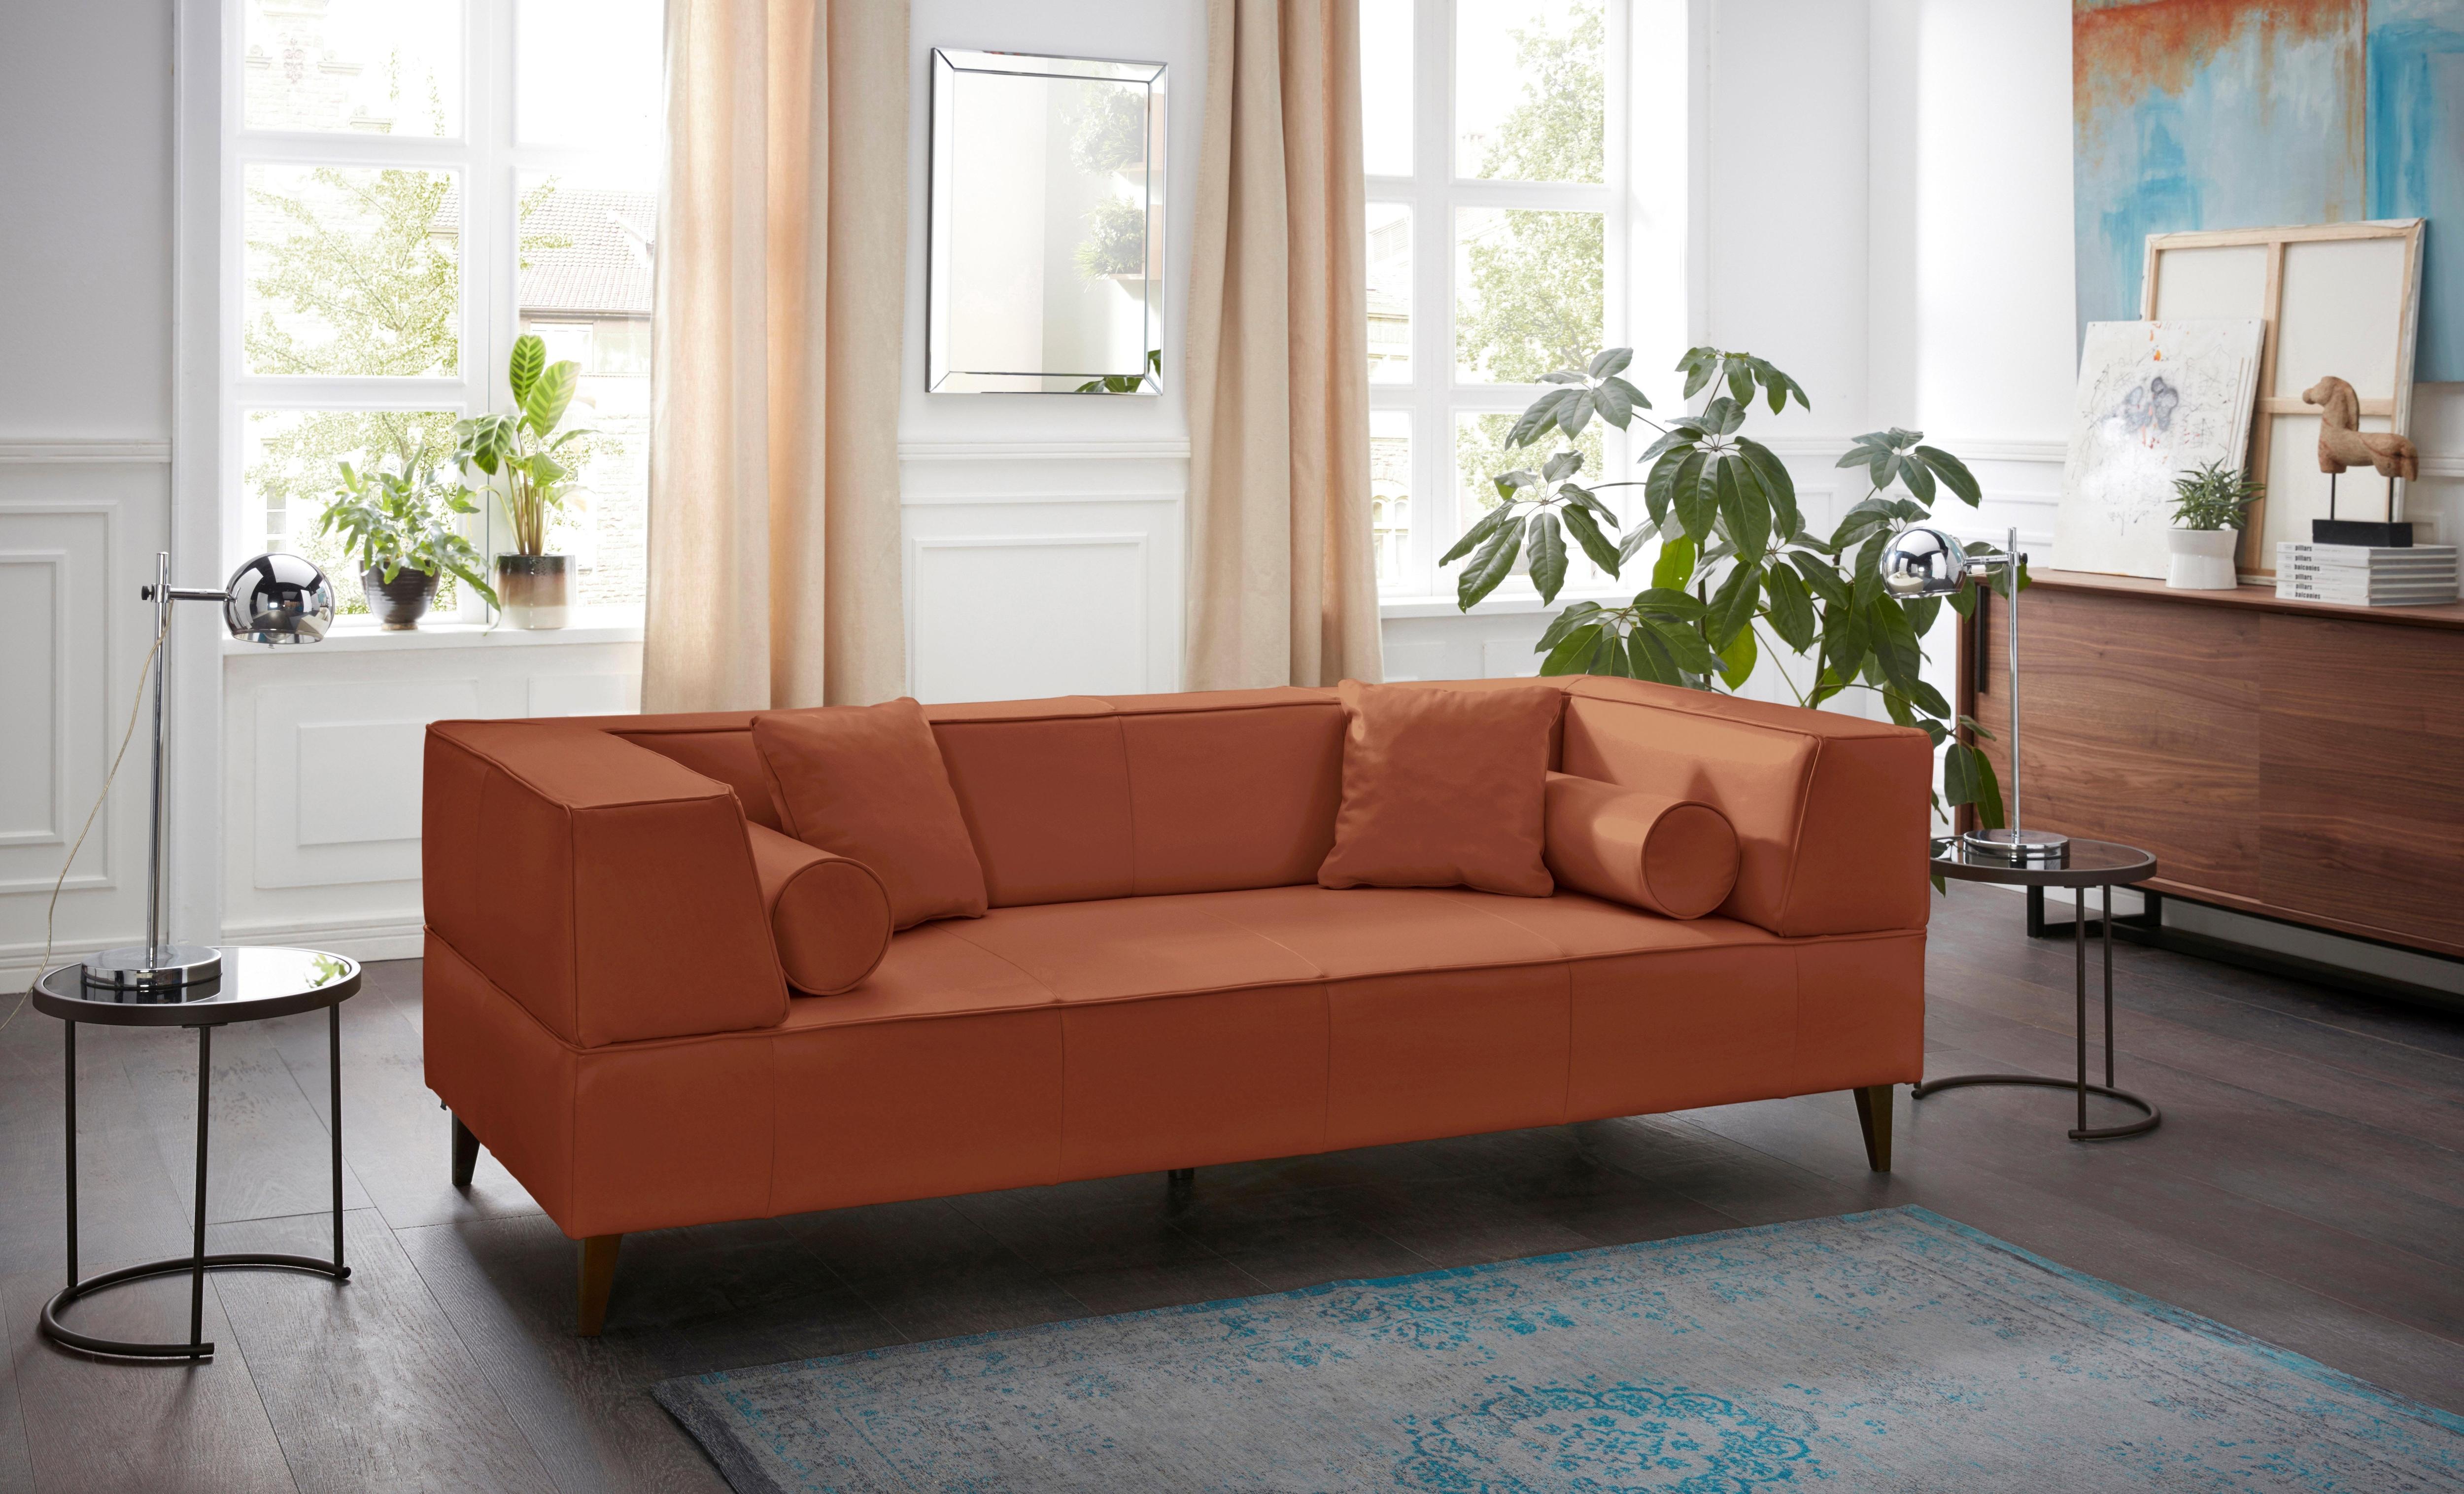 rot-samtvelours 2 & 3 Sitzer Sofas online kaufen | Möbel ...